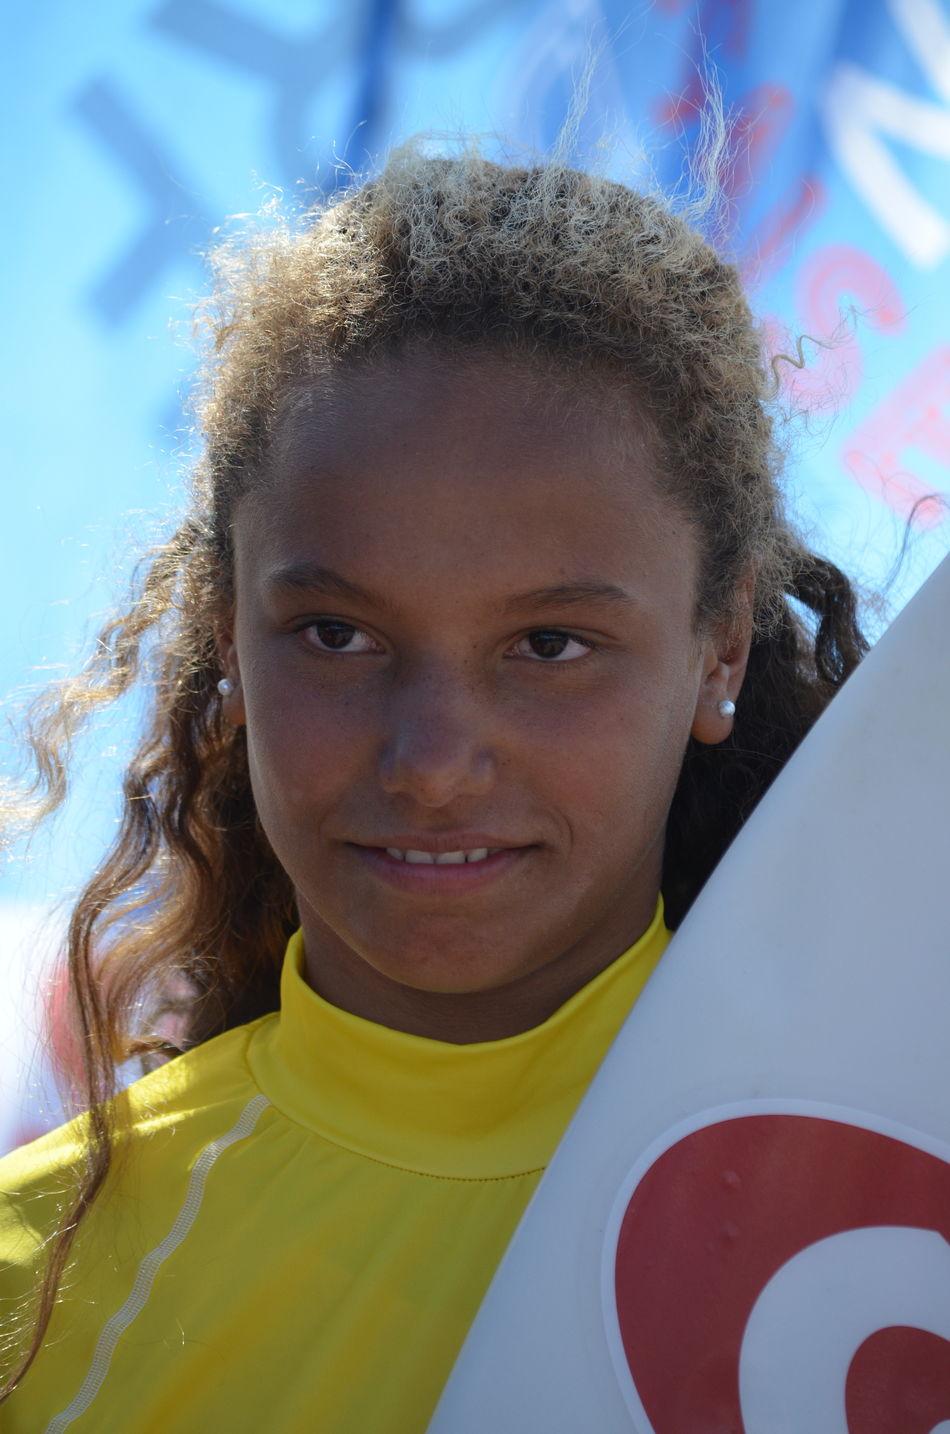 Hina Conradi (Surfing St Gilles Cx de Vie) a terminé quatrième de la finale catégorie Open dames à la première étape du circuit de la Coupe de France de surf, dimanche 10 avril 2016 aux Sables d'Olonne (Vendée). Conradi Coupe De France De Surf Hina Conradi Portrait Surf Surf Competition Surfing St Gilles Cx De Vie